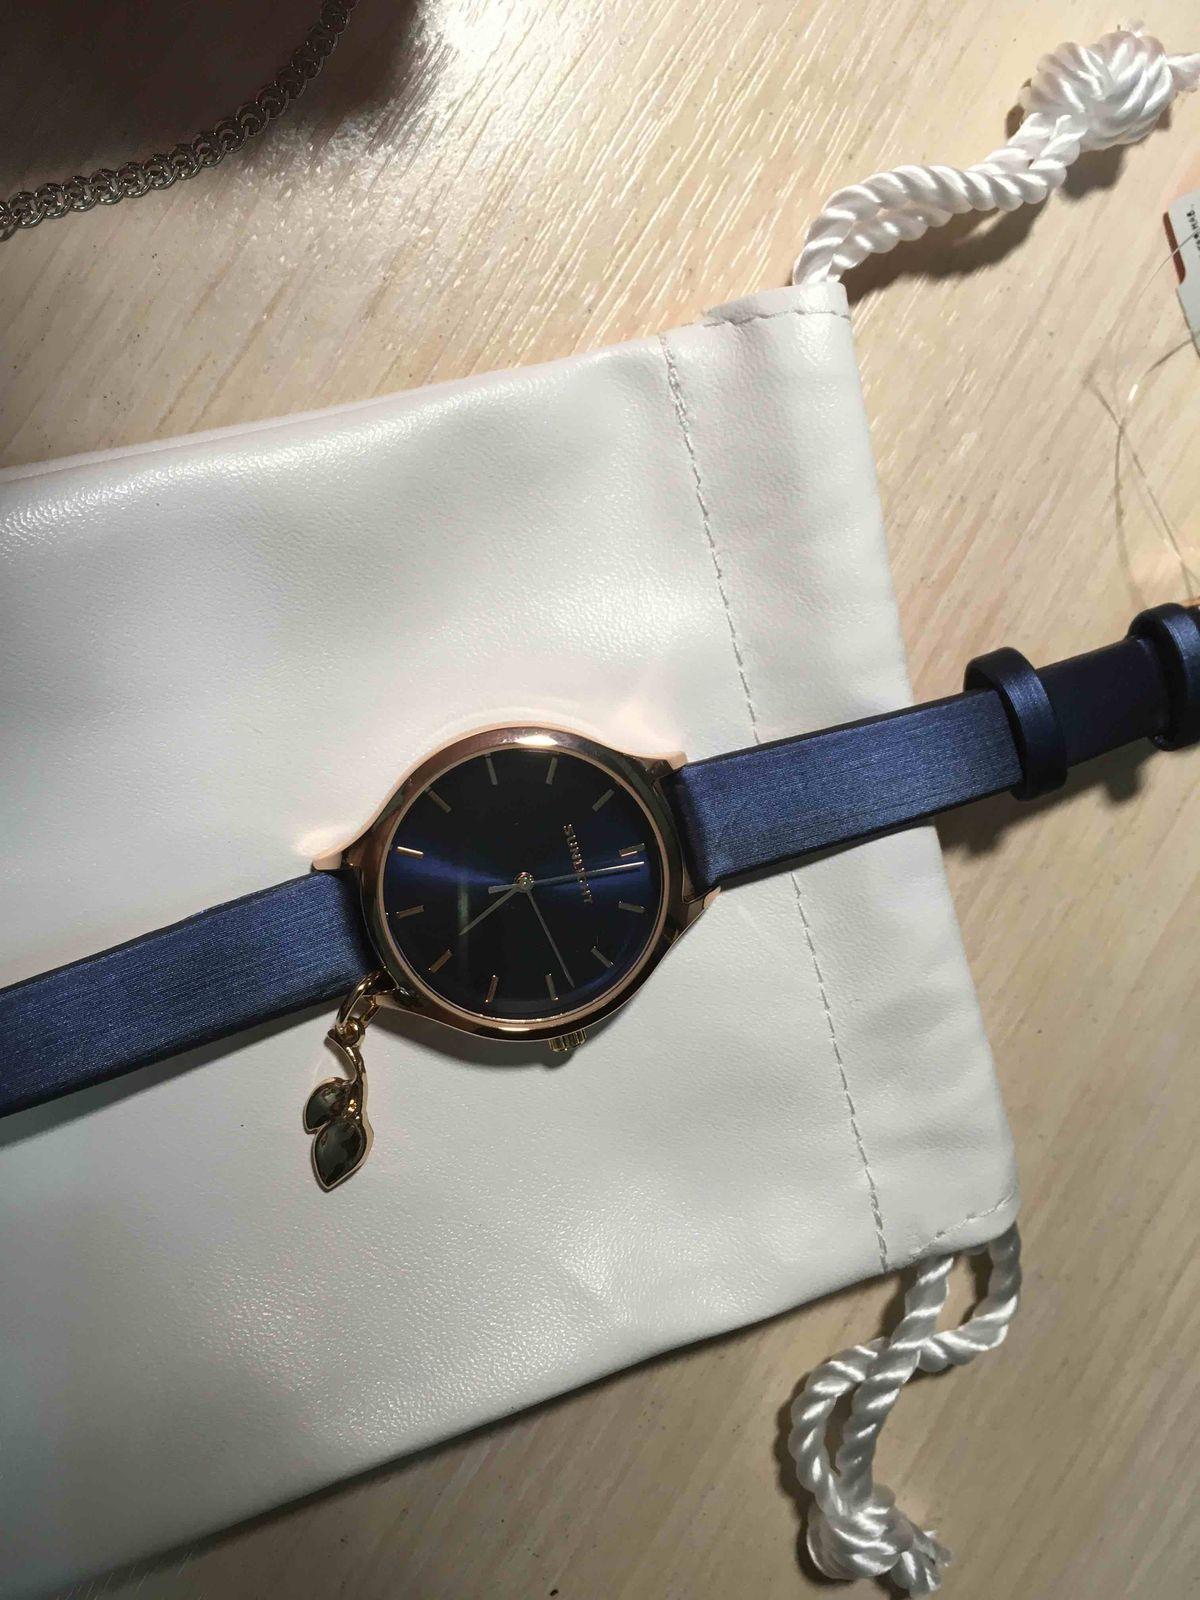 Часы-дополнение к стилю